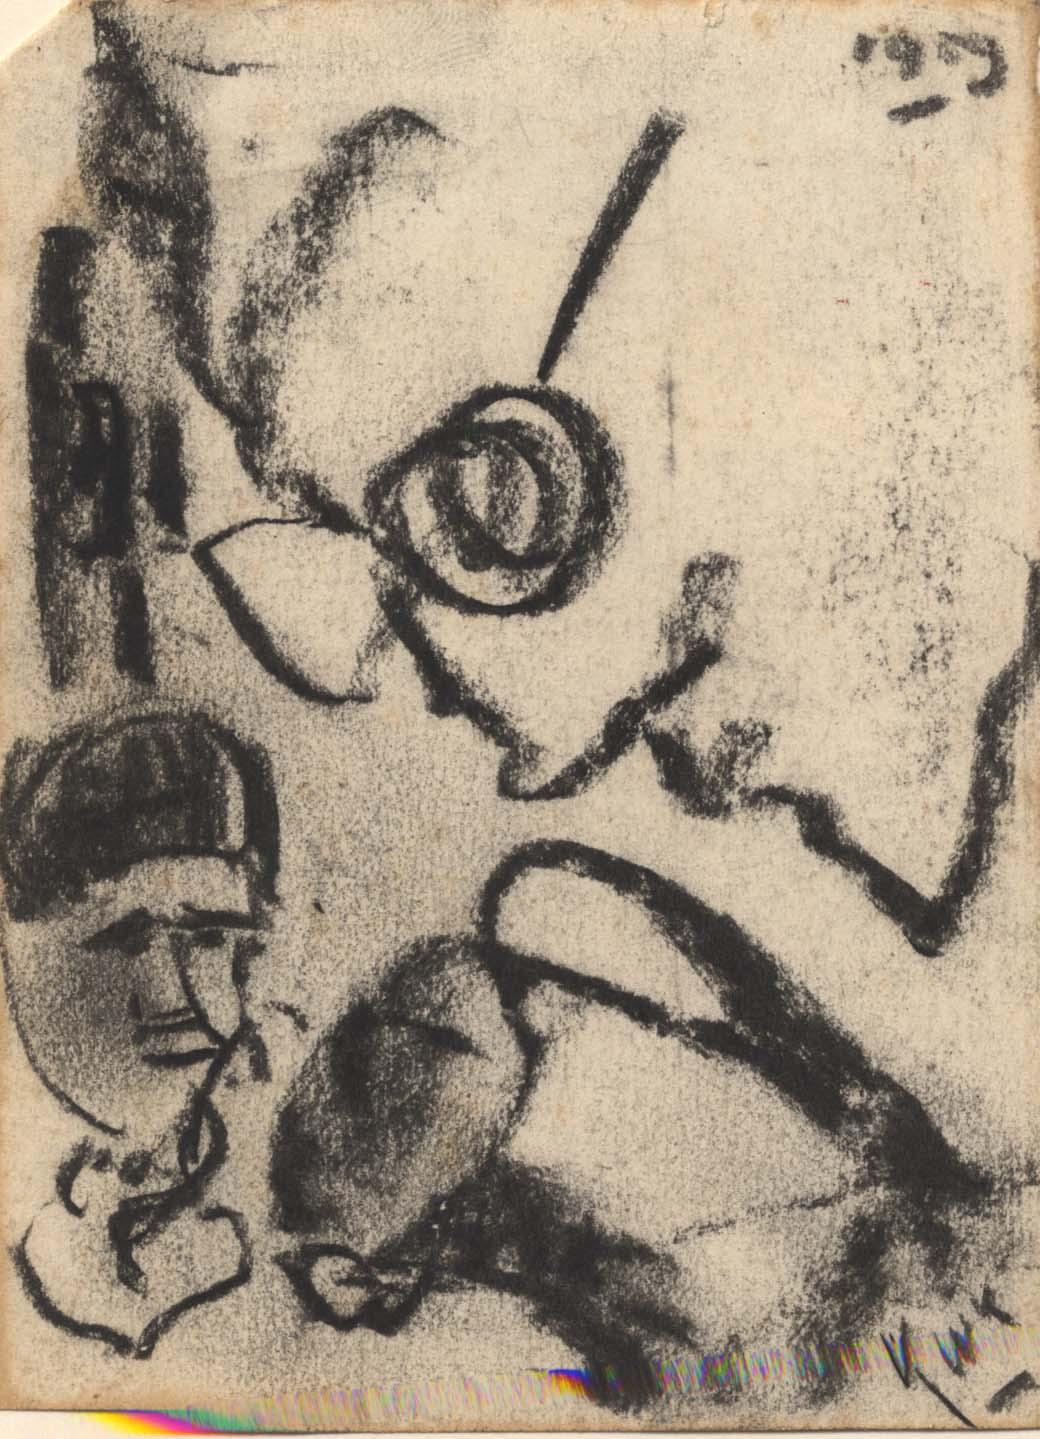 2 Mannen, één draagt een bril